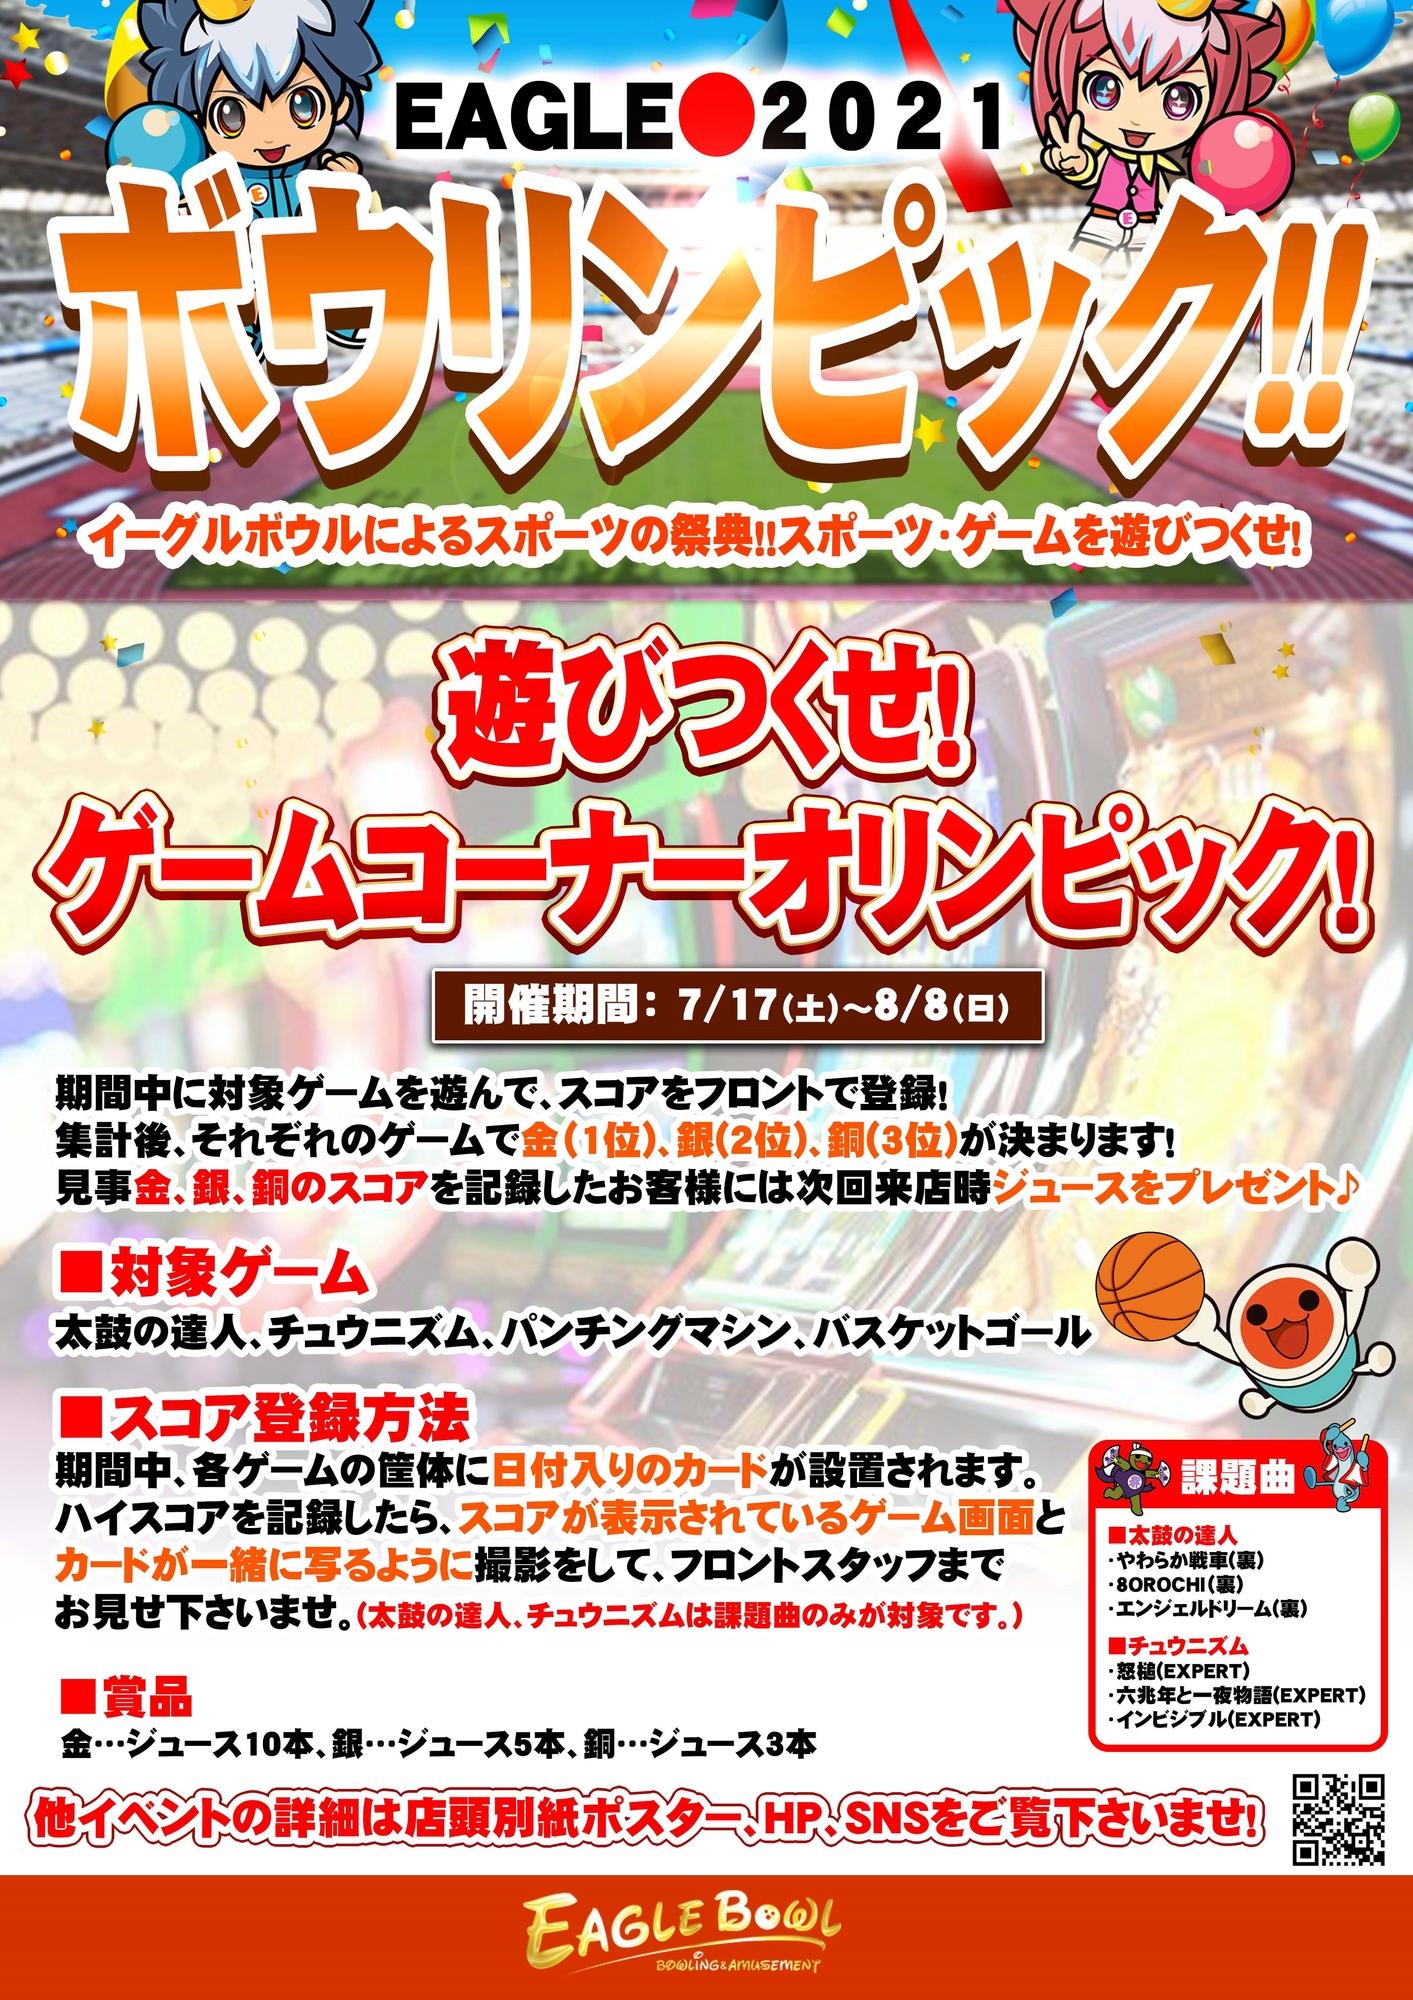 ボウリンピック〜ゲームコーナーオリンピック〜